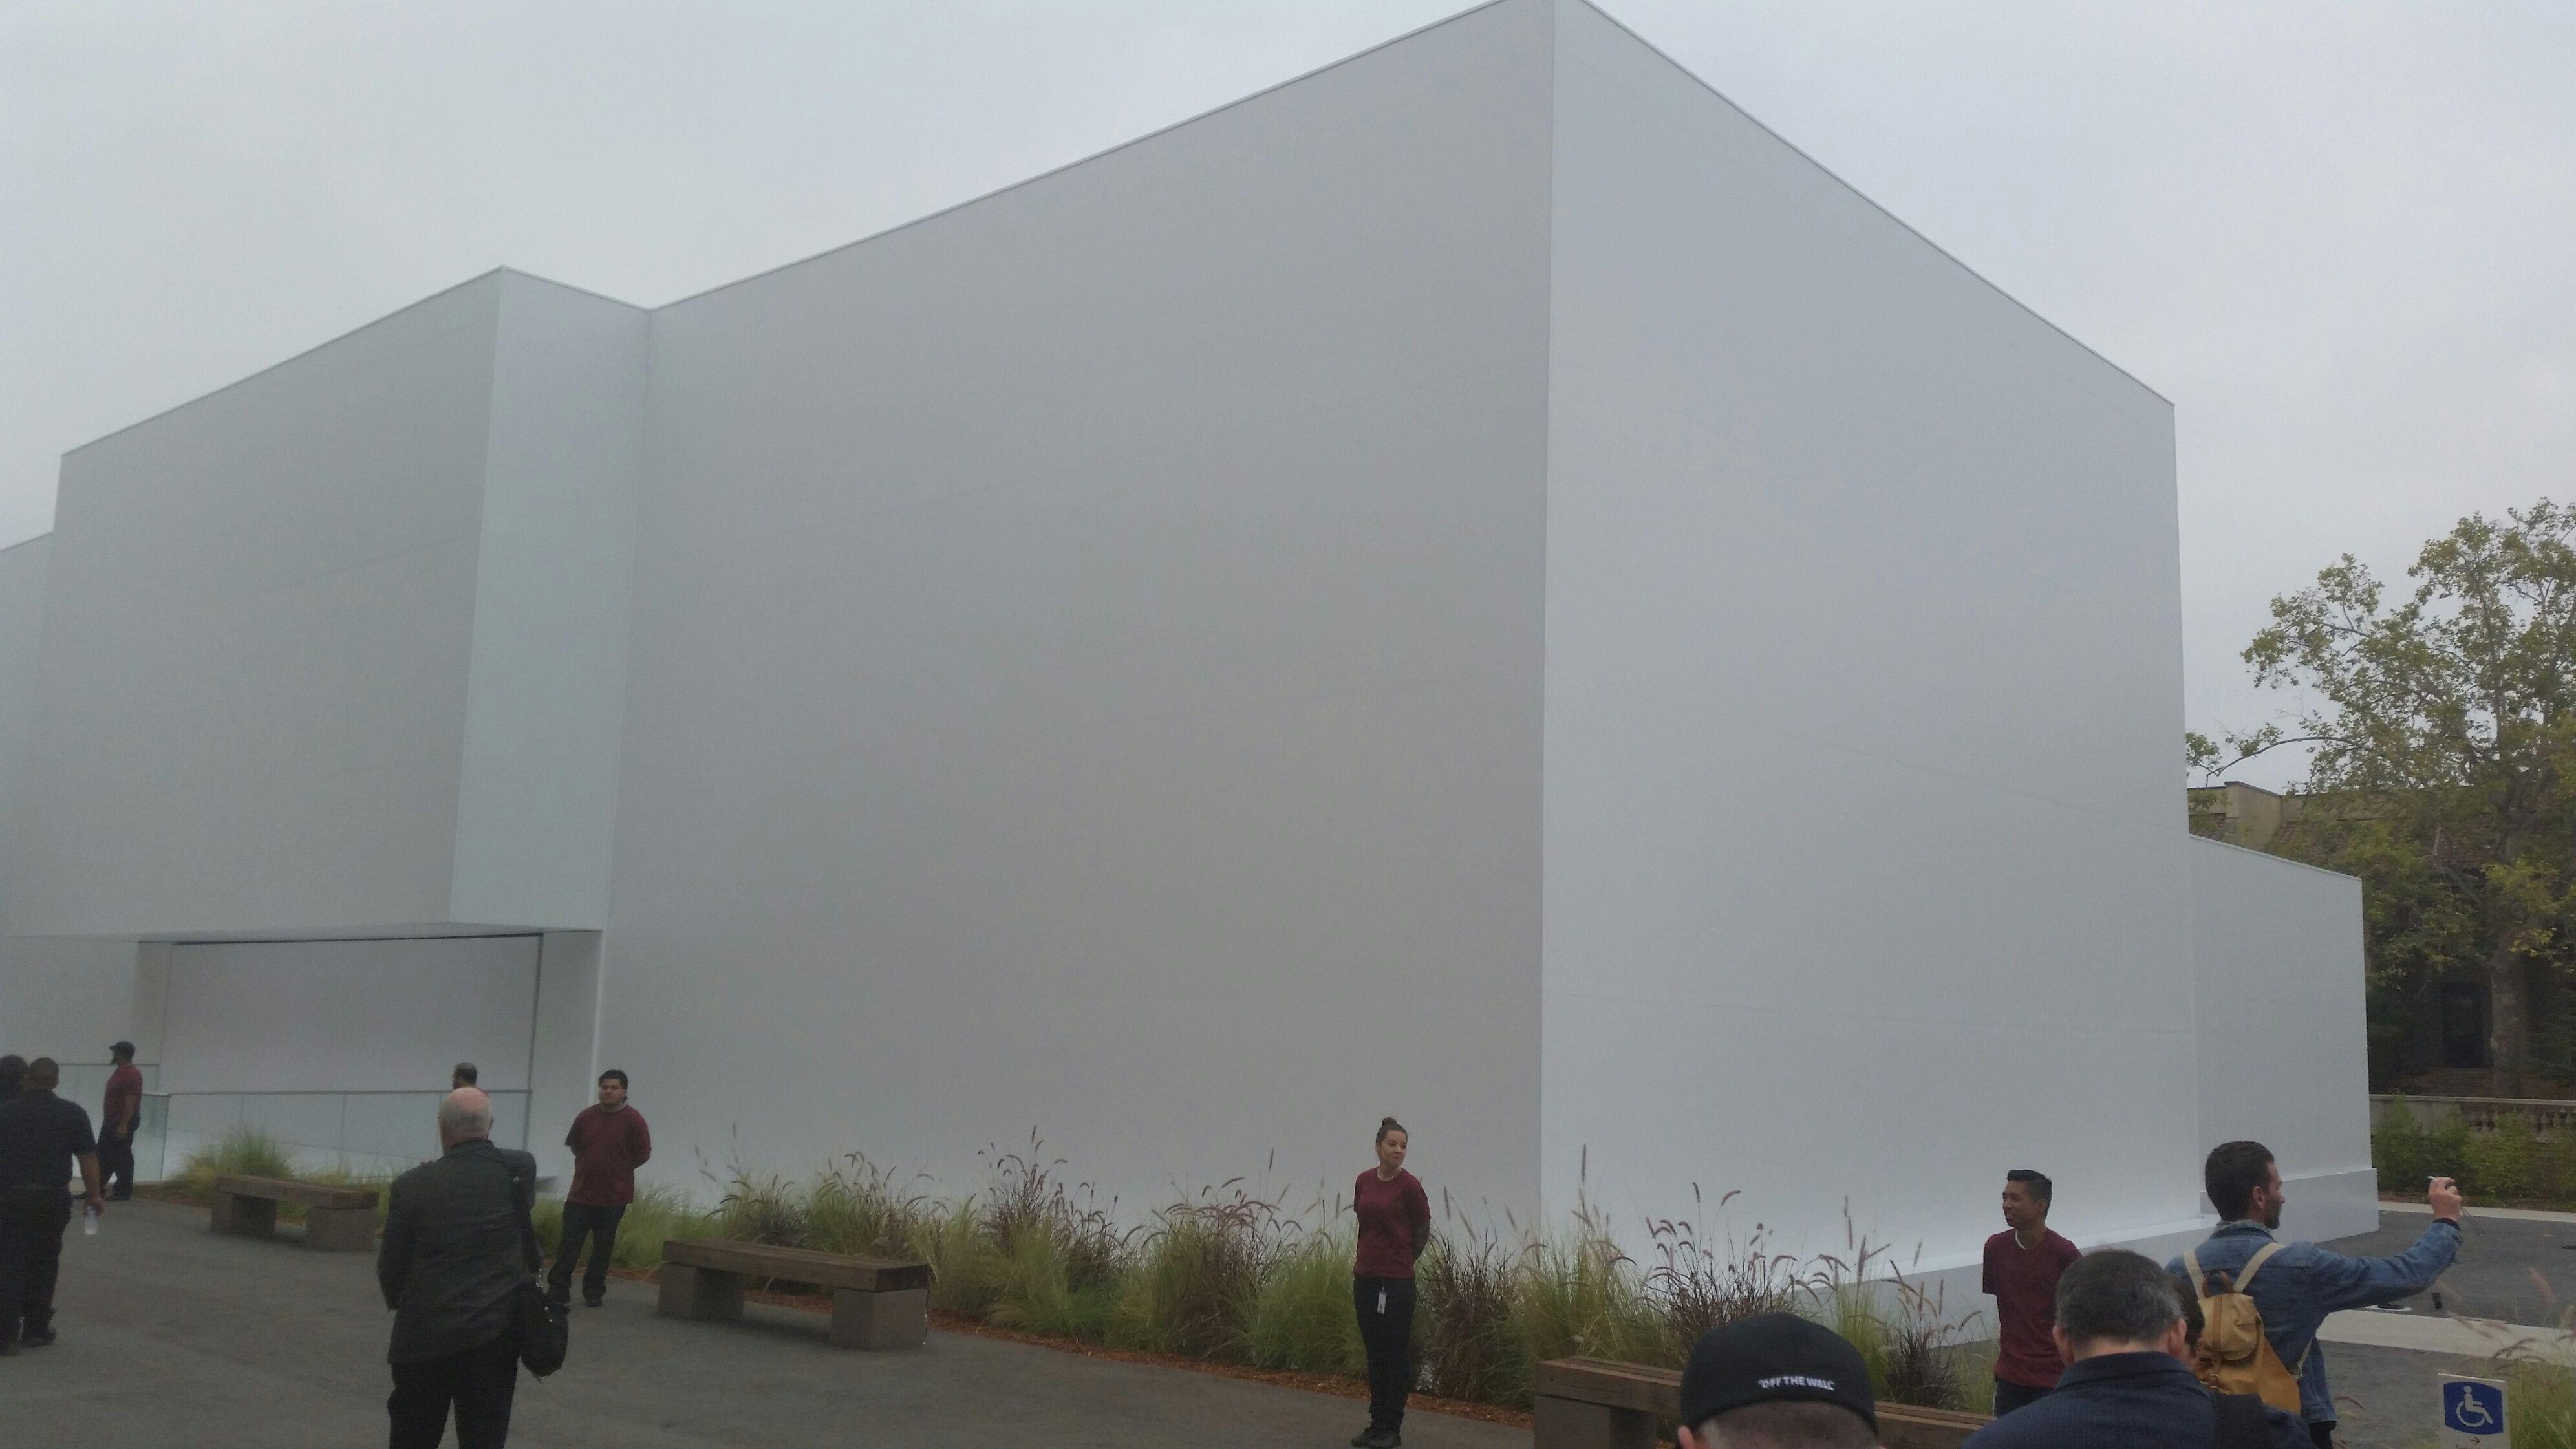 Denne bygningen har Apple satt opp for anledningen. Hva skjer på innsiden?Foto: Finn Jarle Kvalheim, Tek.no